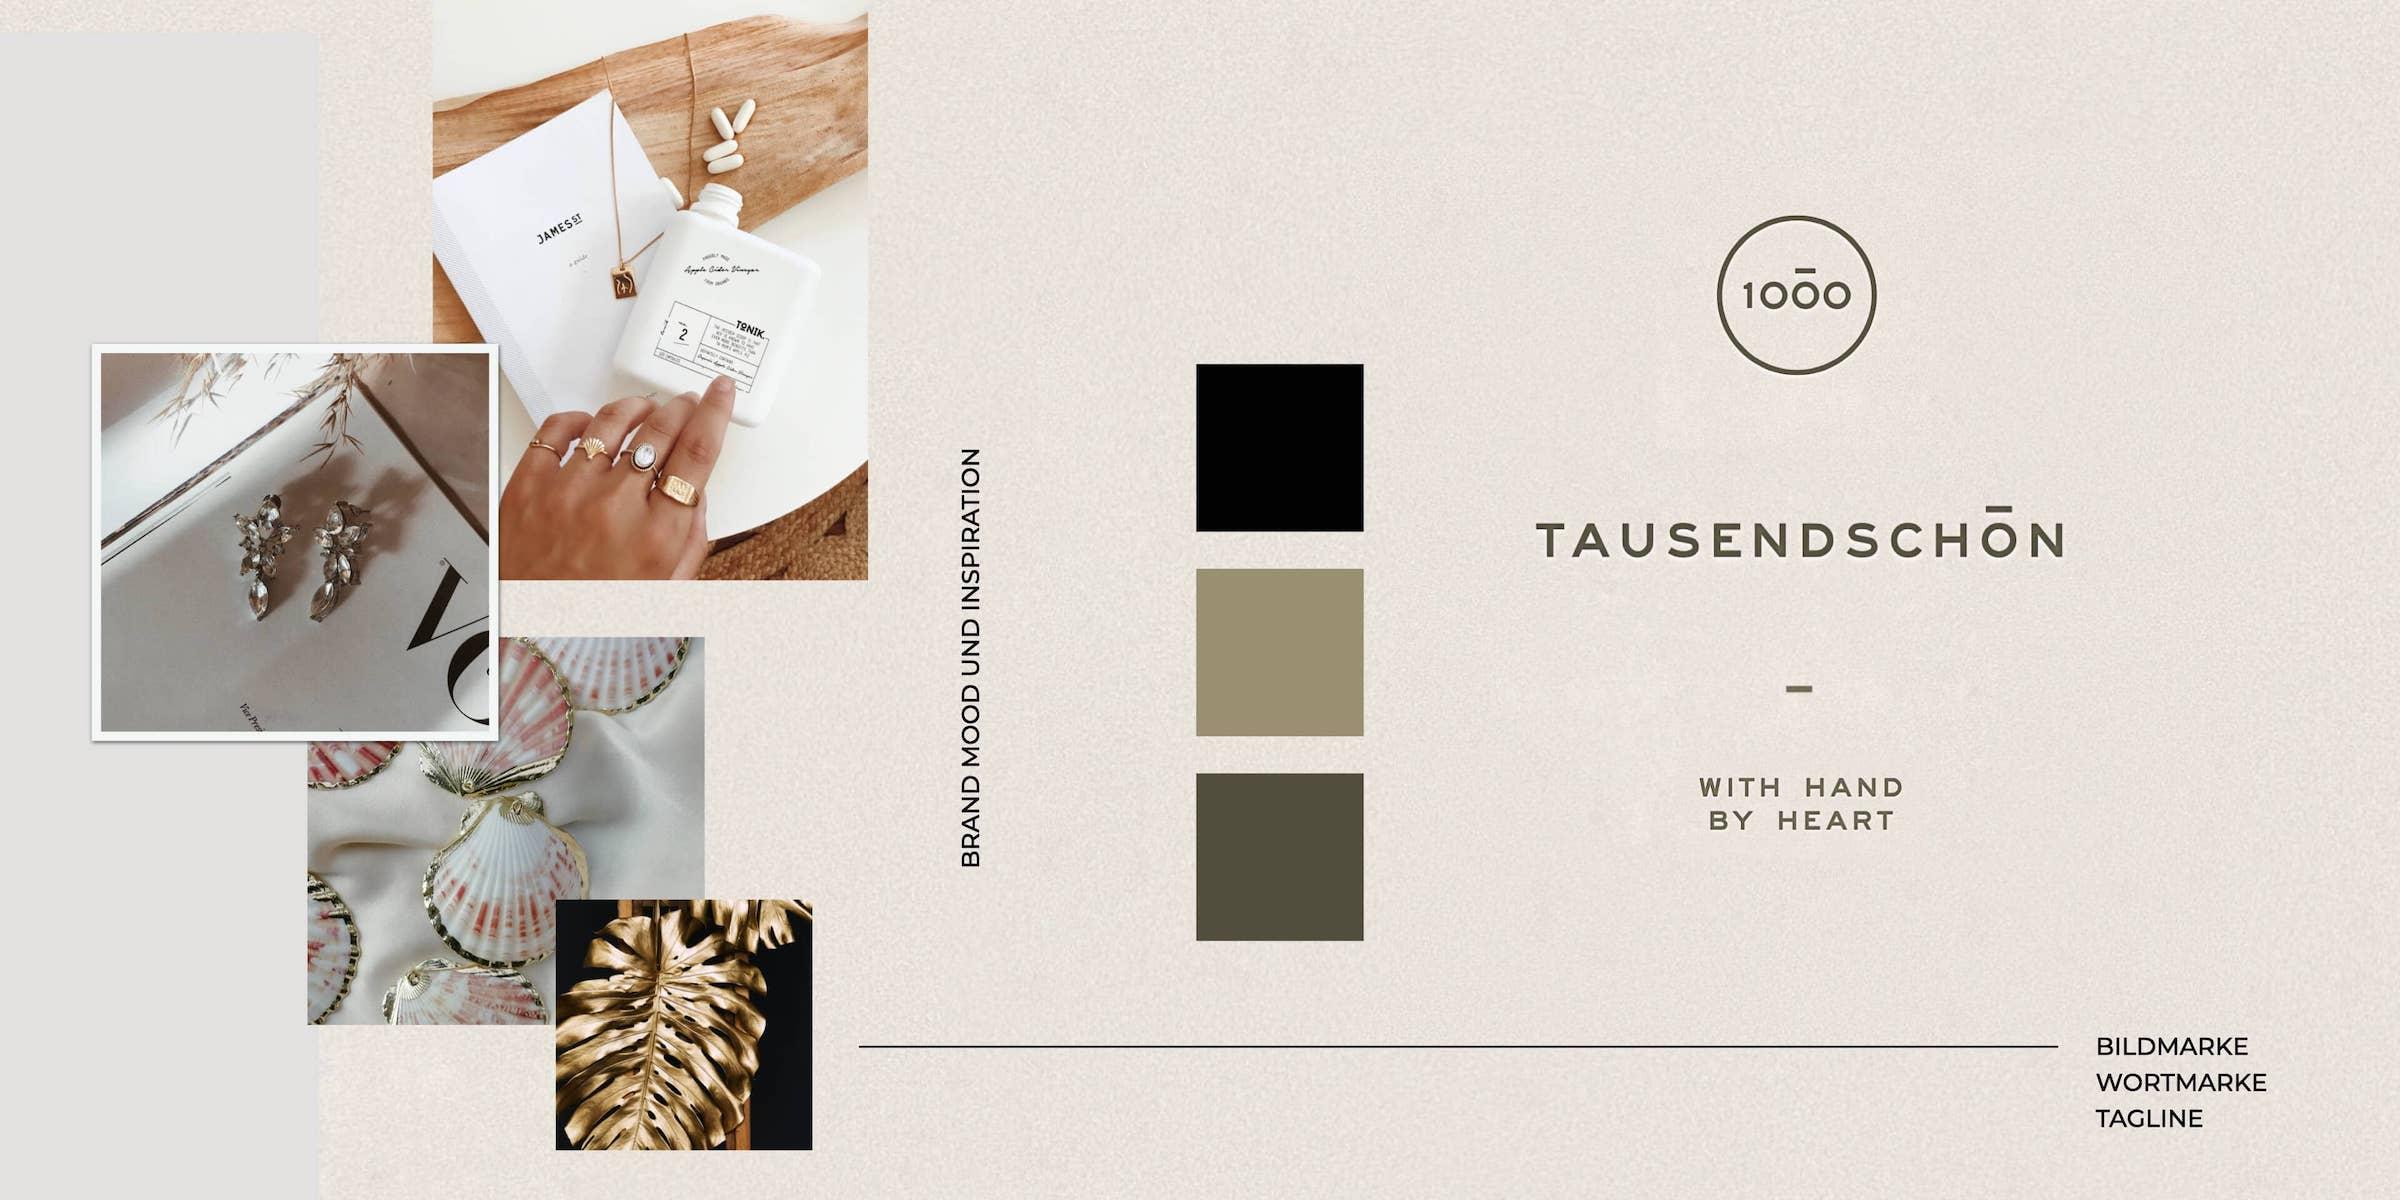 Moodboard für das Corporate Design einer Schmuckdesignerin zeigt Logo, Schriften und Farbpalette.